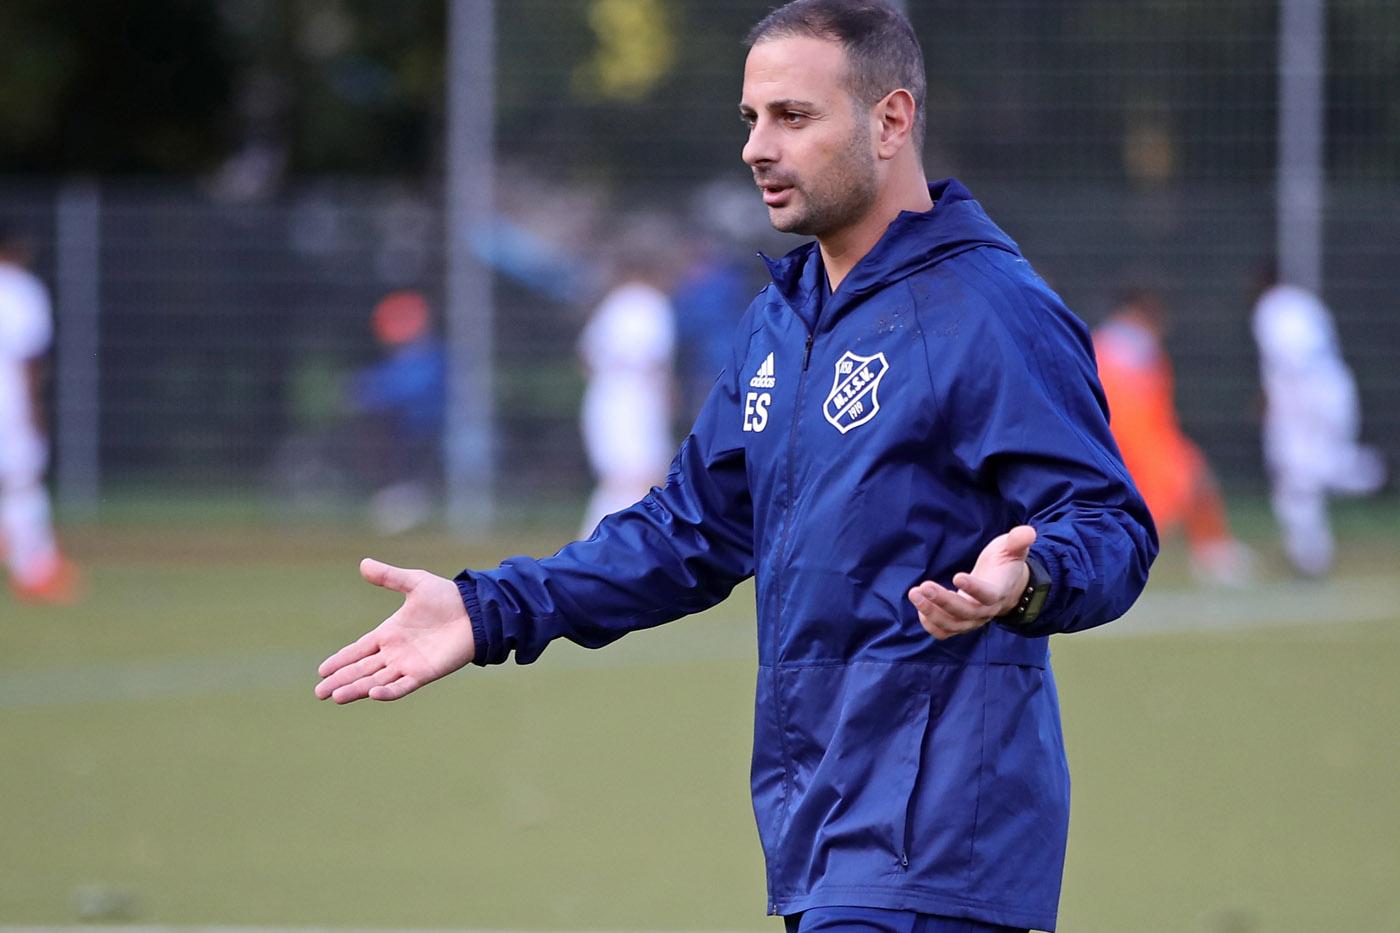 Trainer Eren Sen wechselt vom Niendorfer TSV zum HSV